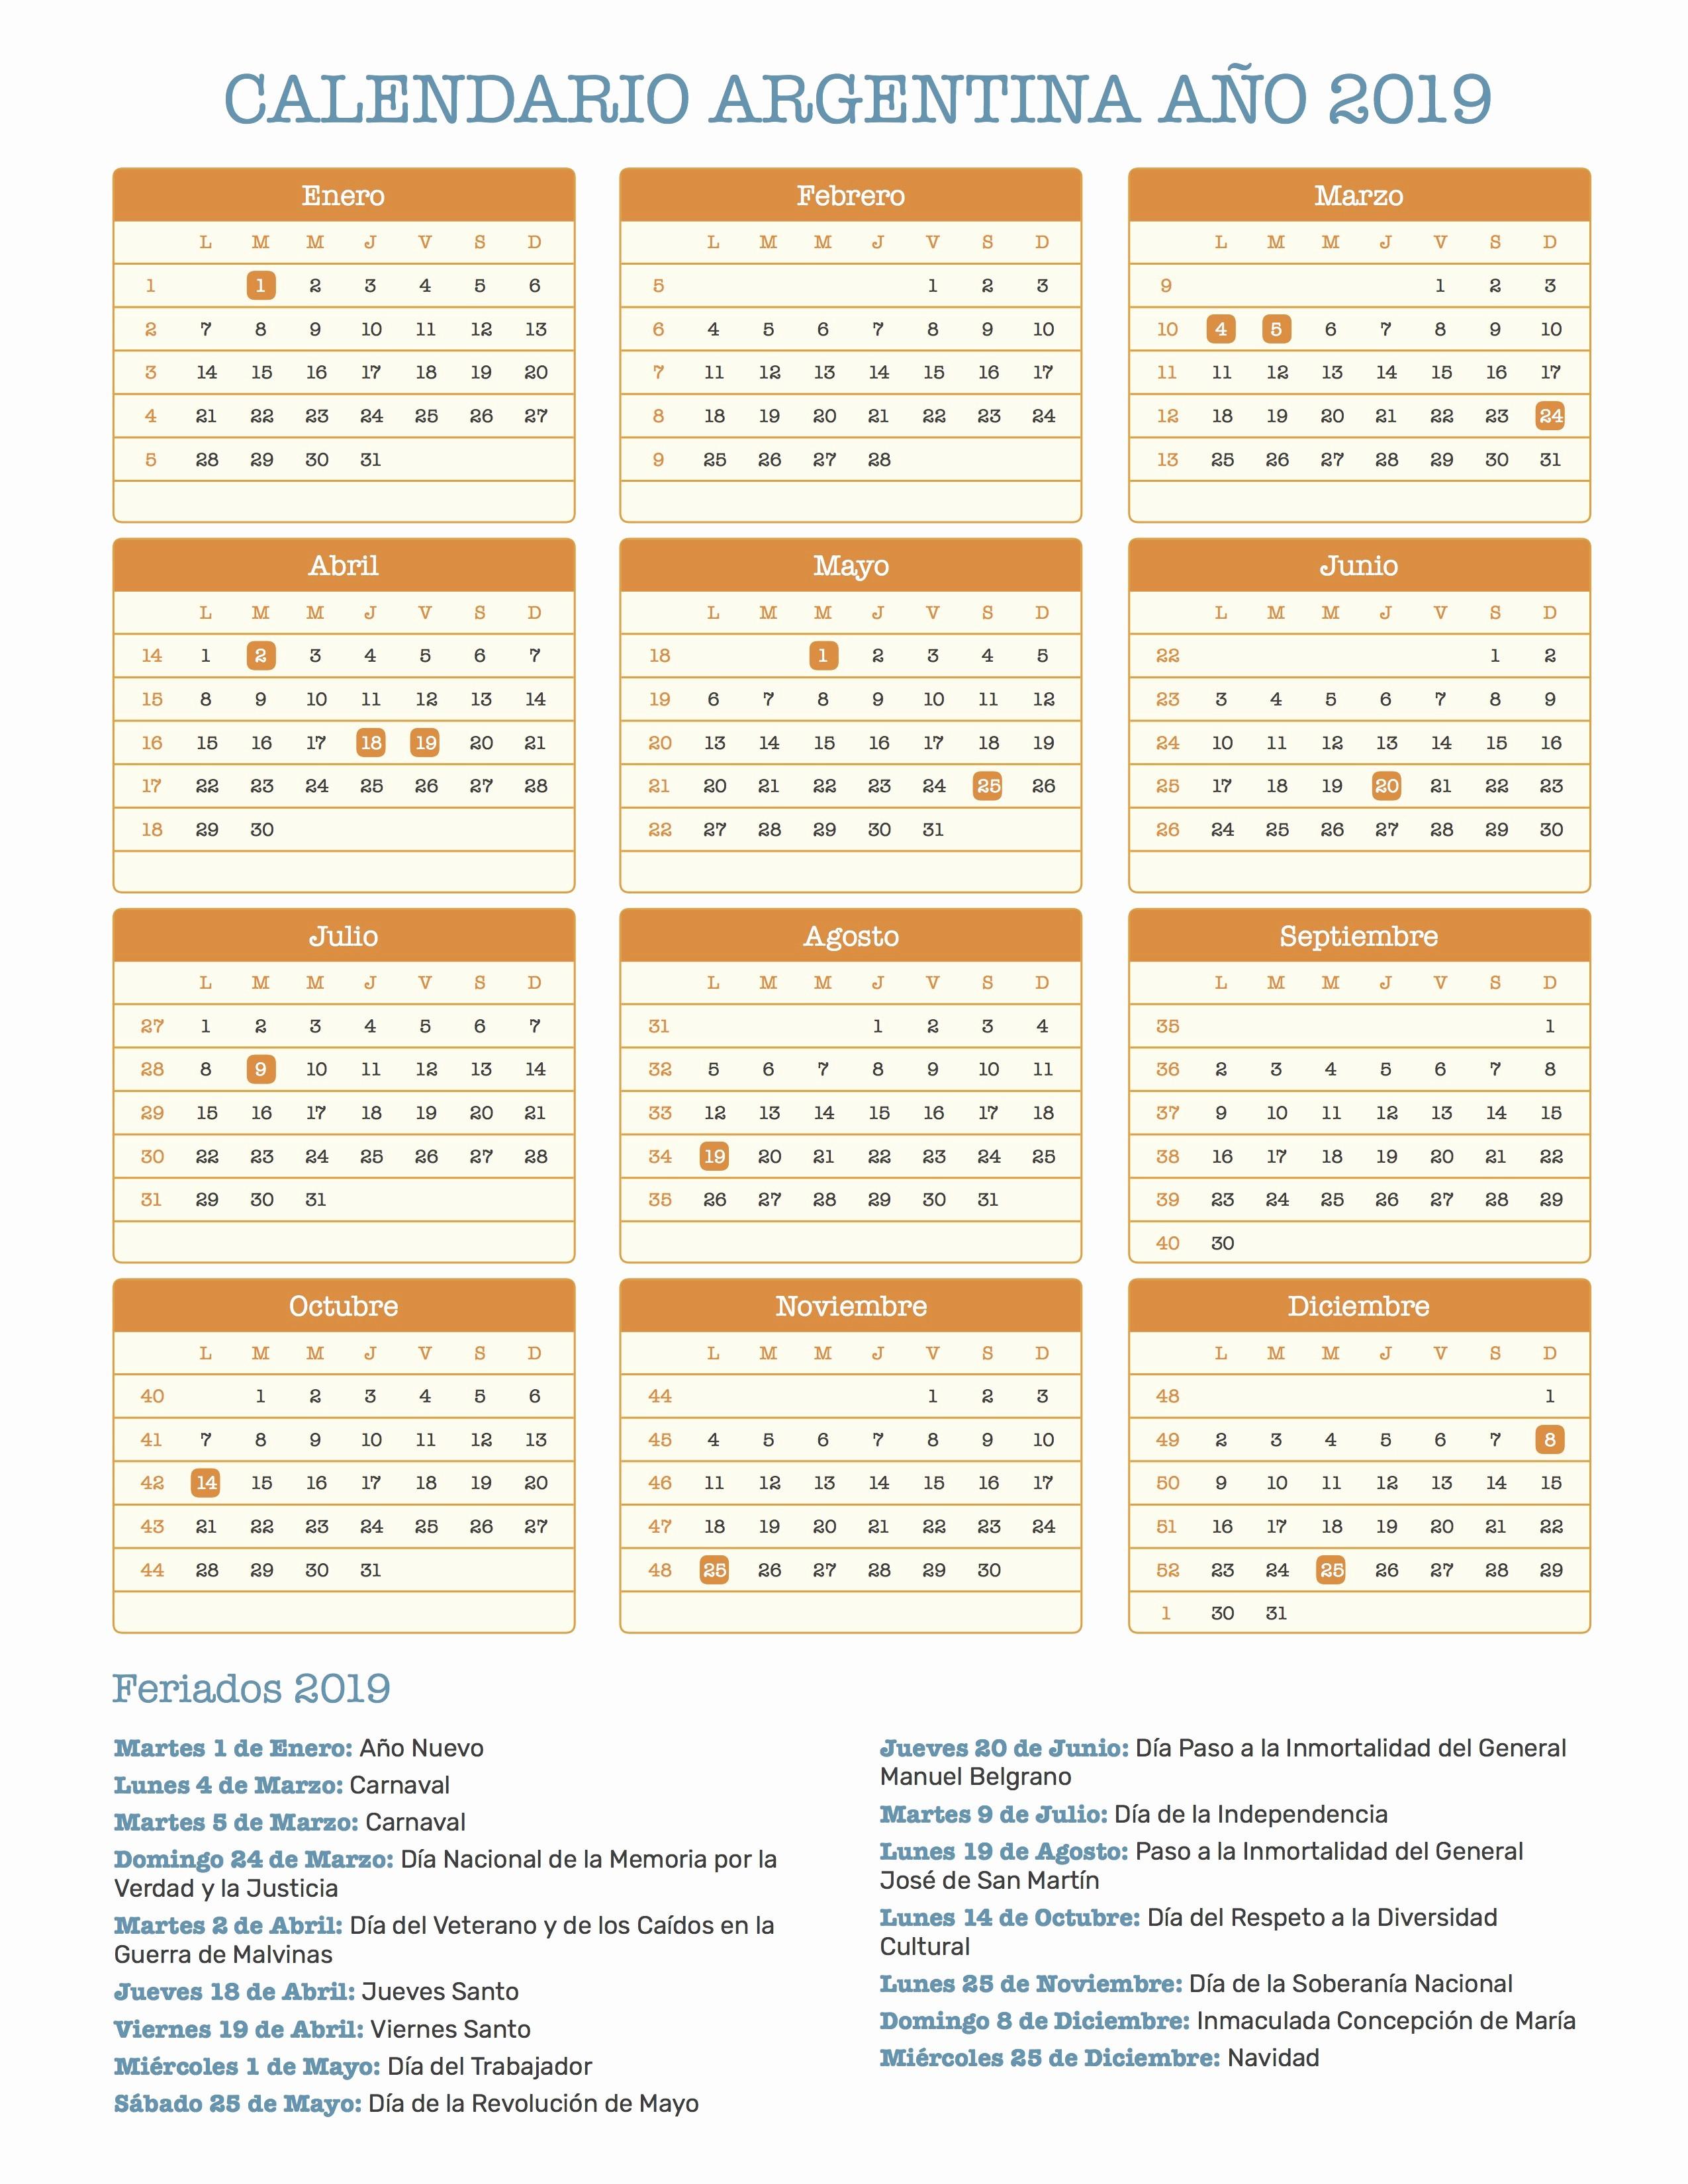 Calendario Escolar Agosto 2019 Más Recientes Calendario Dr 2019 Calendario Argentina Ano 2019 Feriados Of Calendario Escolar Agosto 2019 Más Caliente Inspiraci³n 40 Ejemplo Agisto 2019